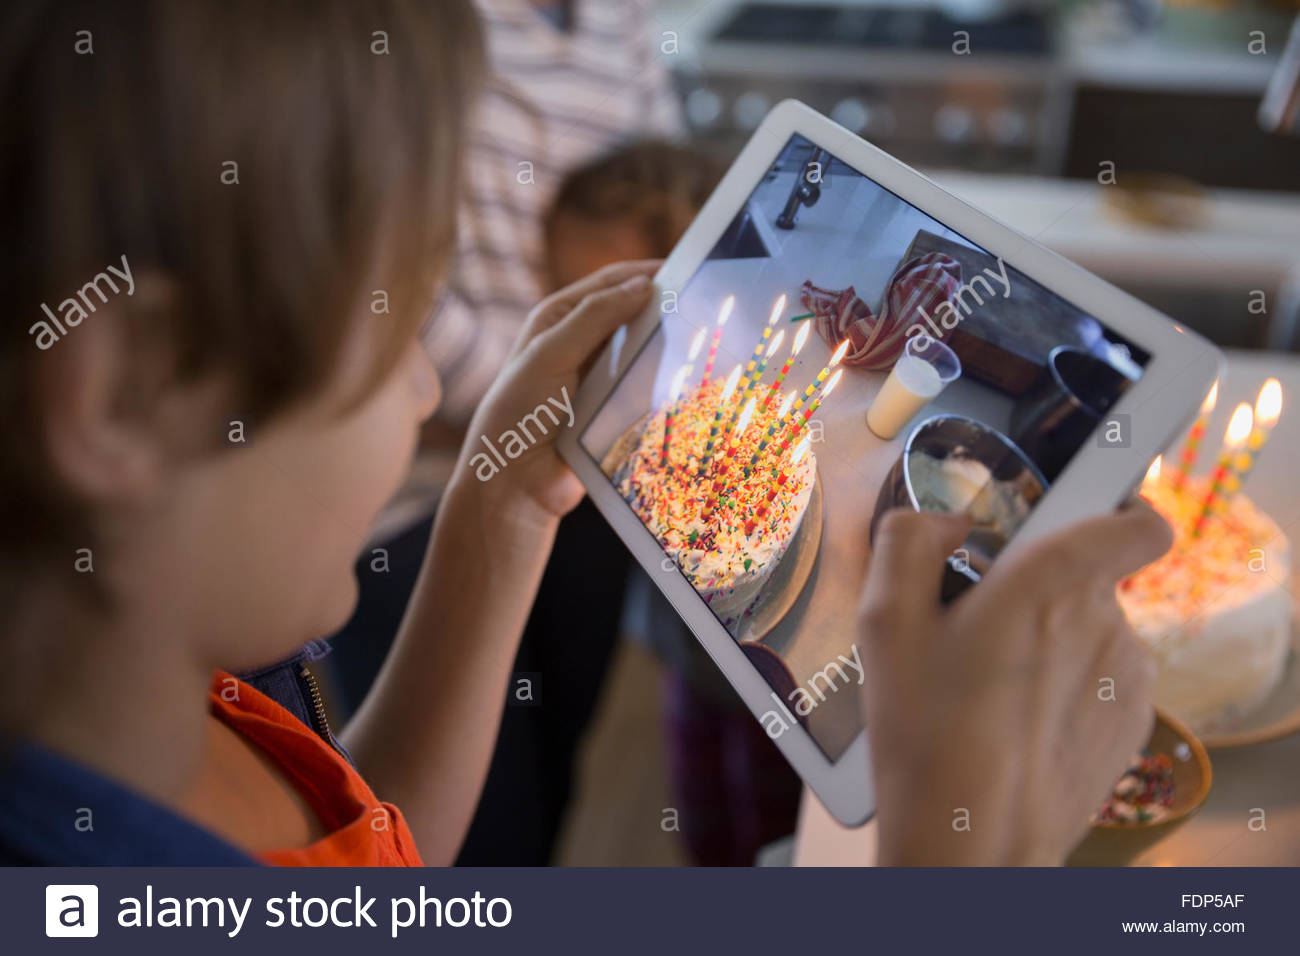 Ragazzo fotografare la torta di compleanno con candele Immagini Stock